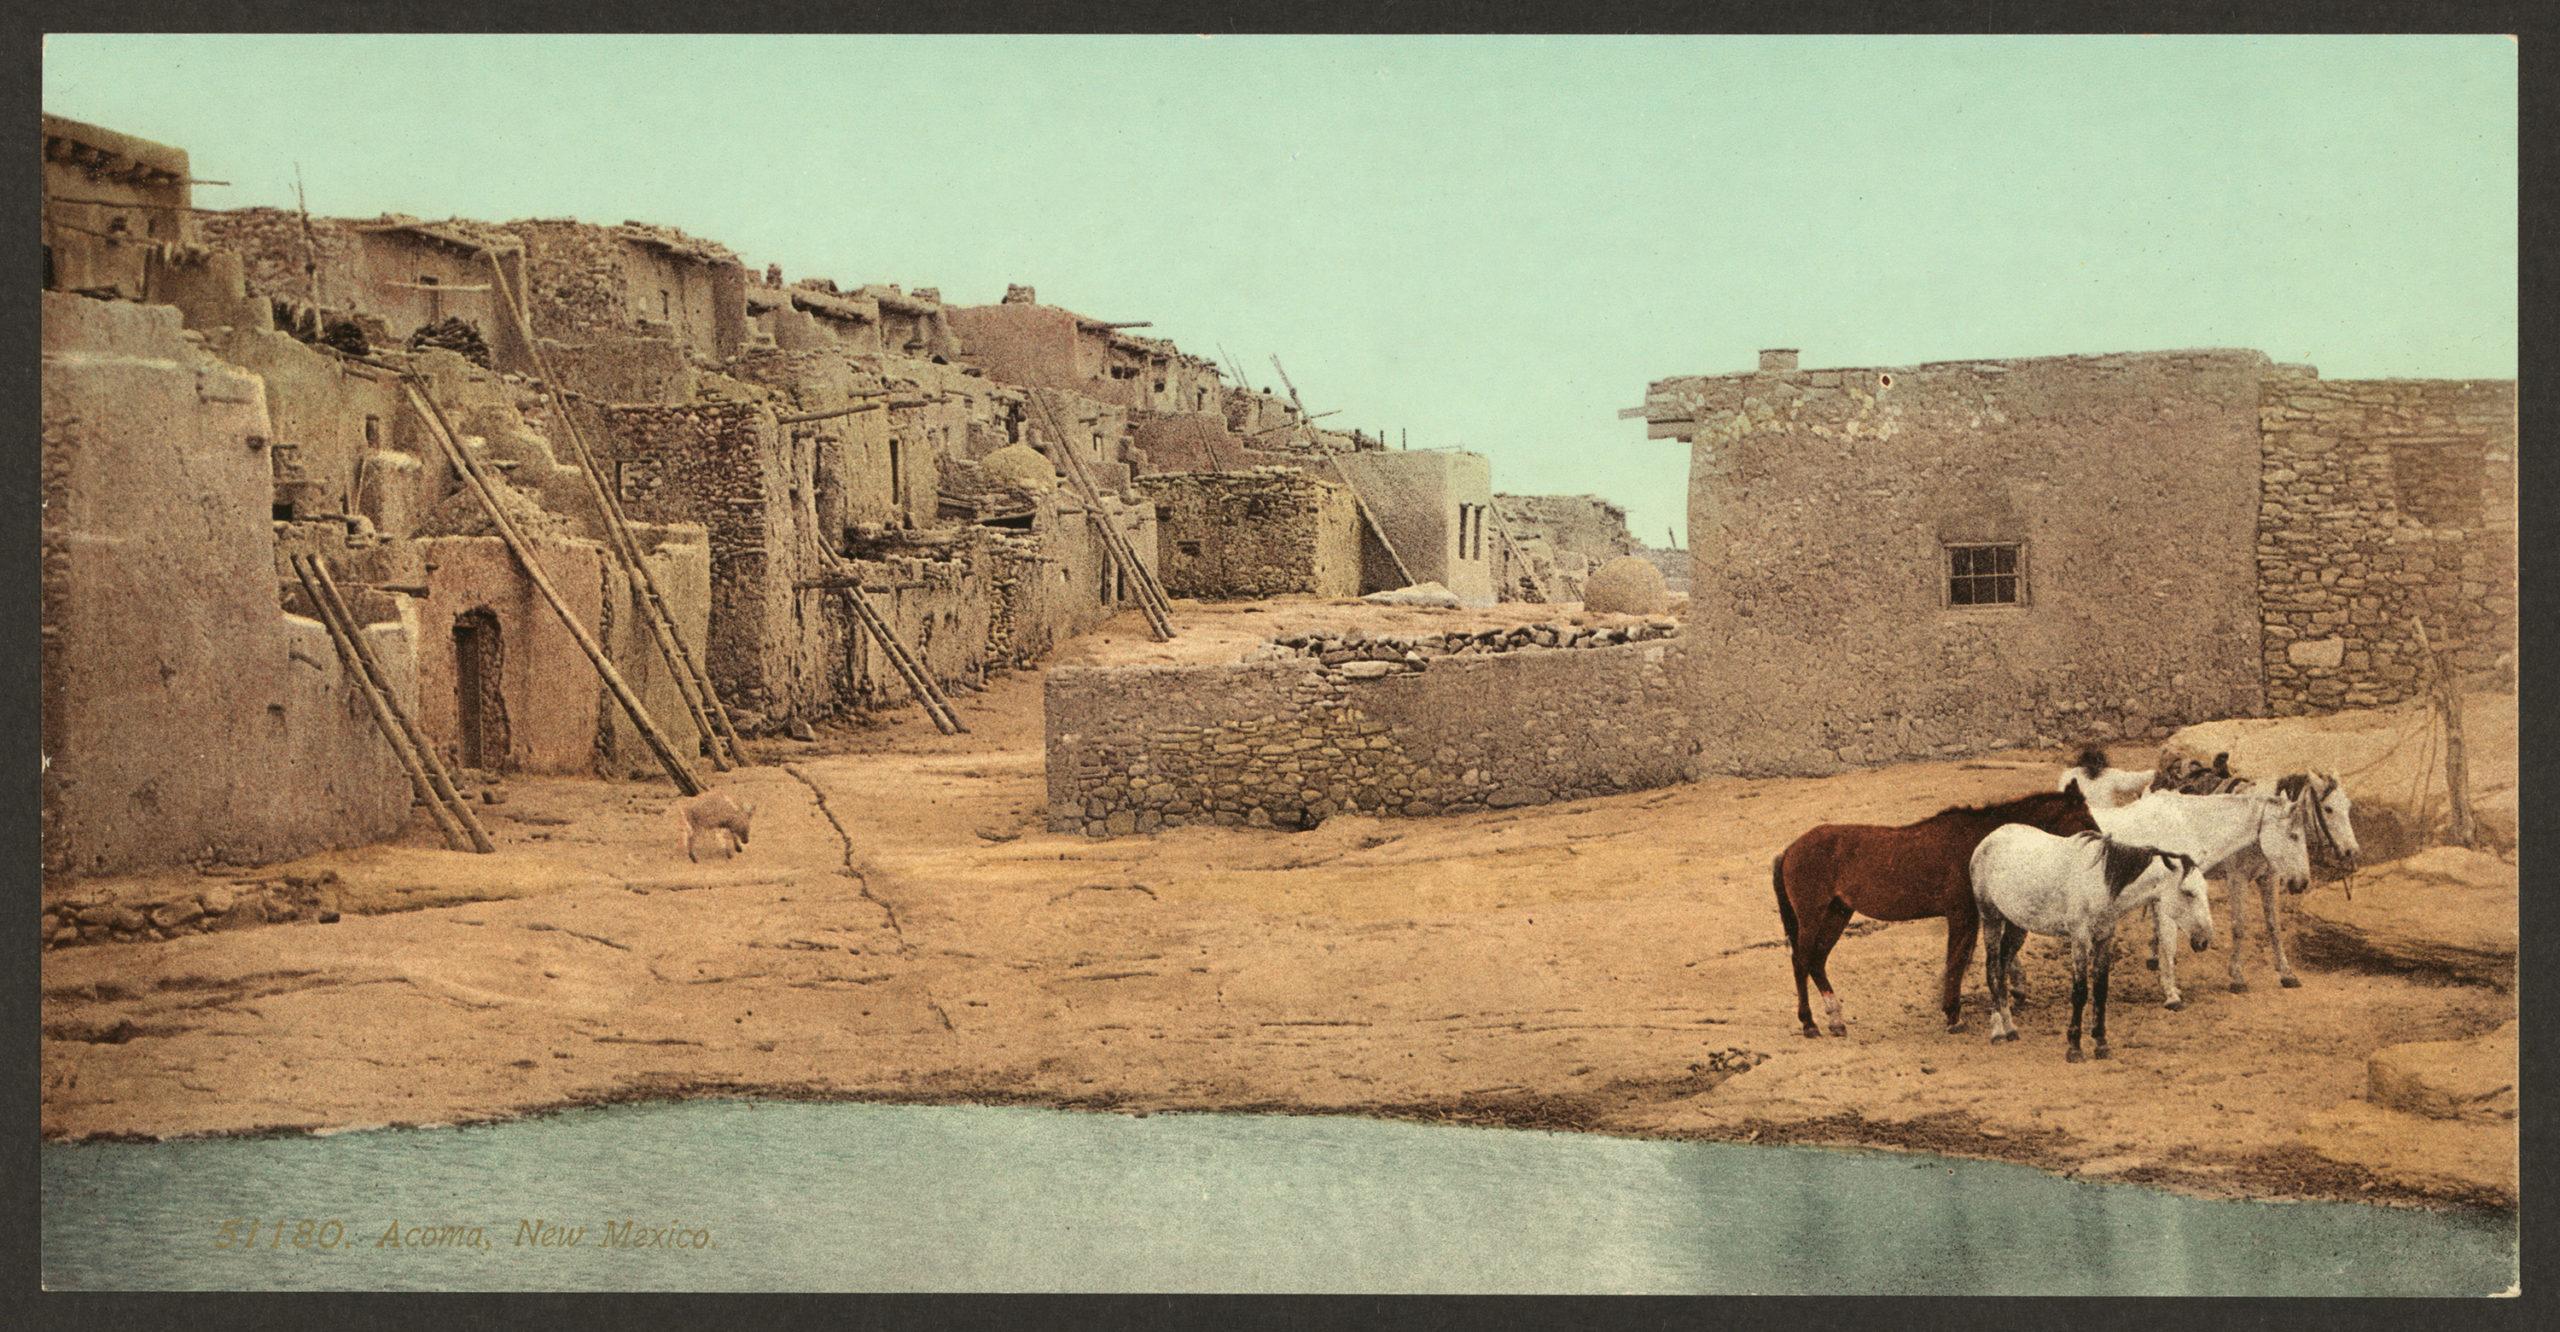 Acoma Pueblo. 1898-1905. Library of Congress